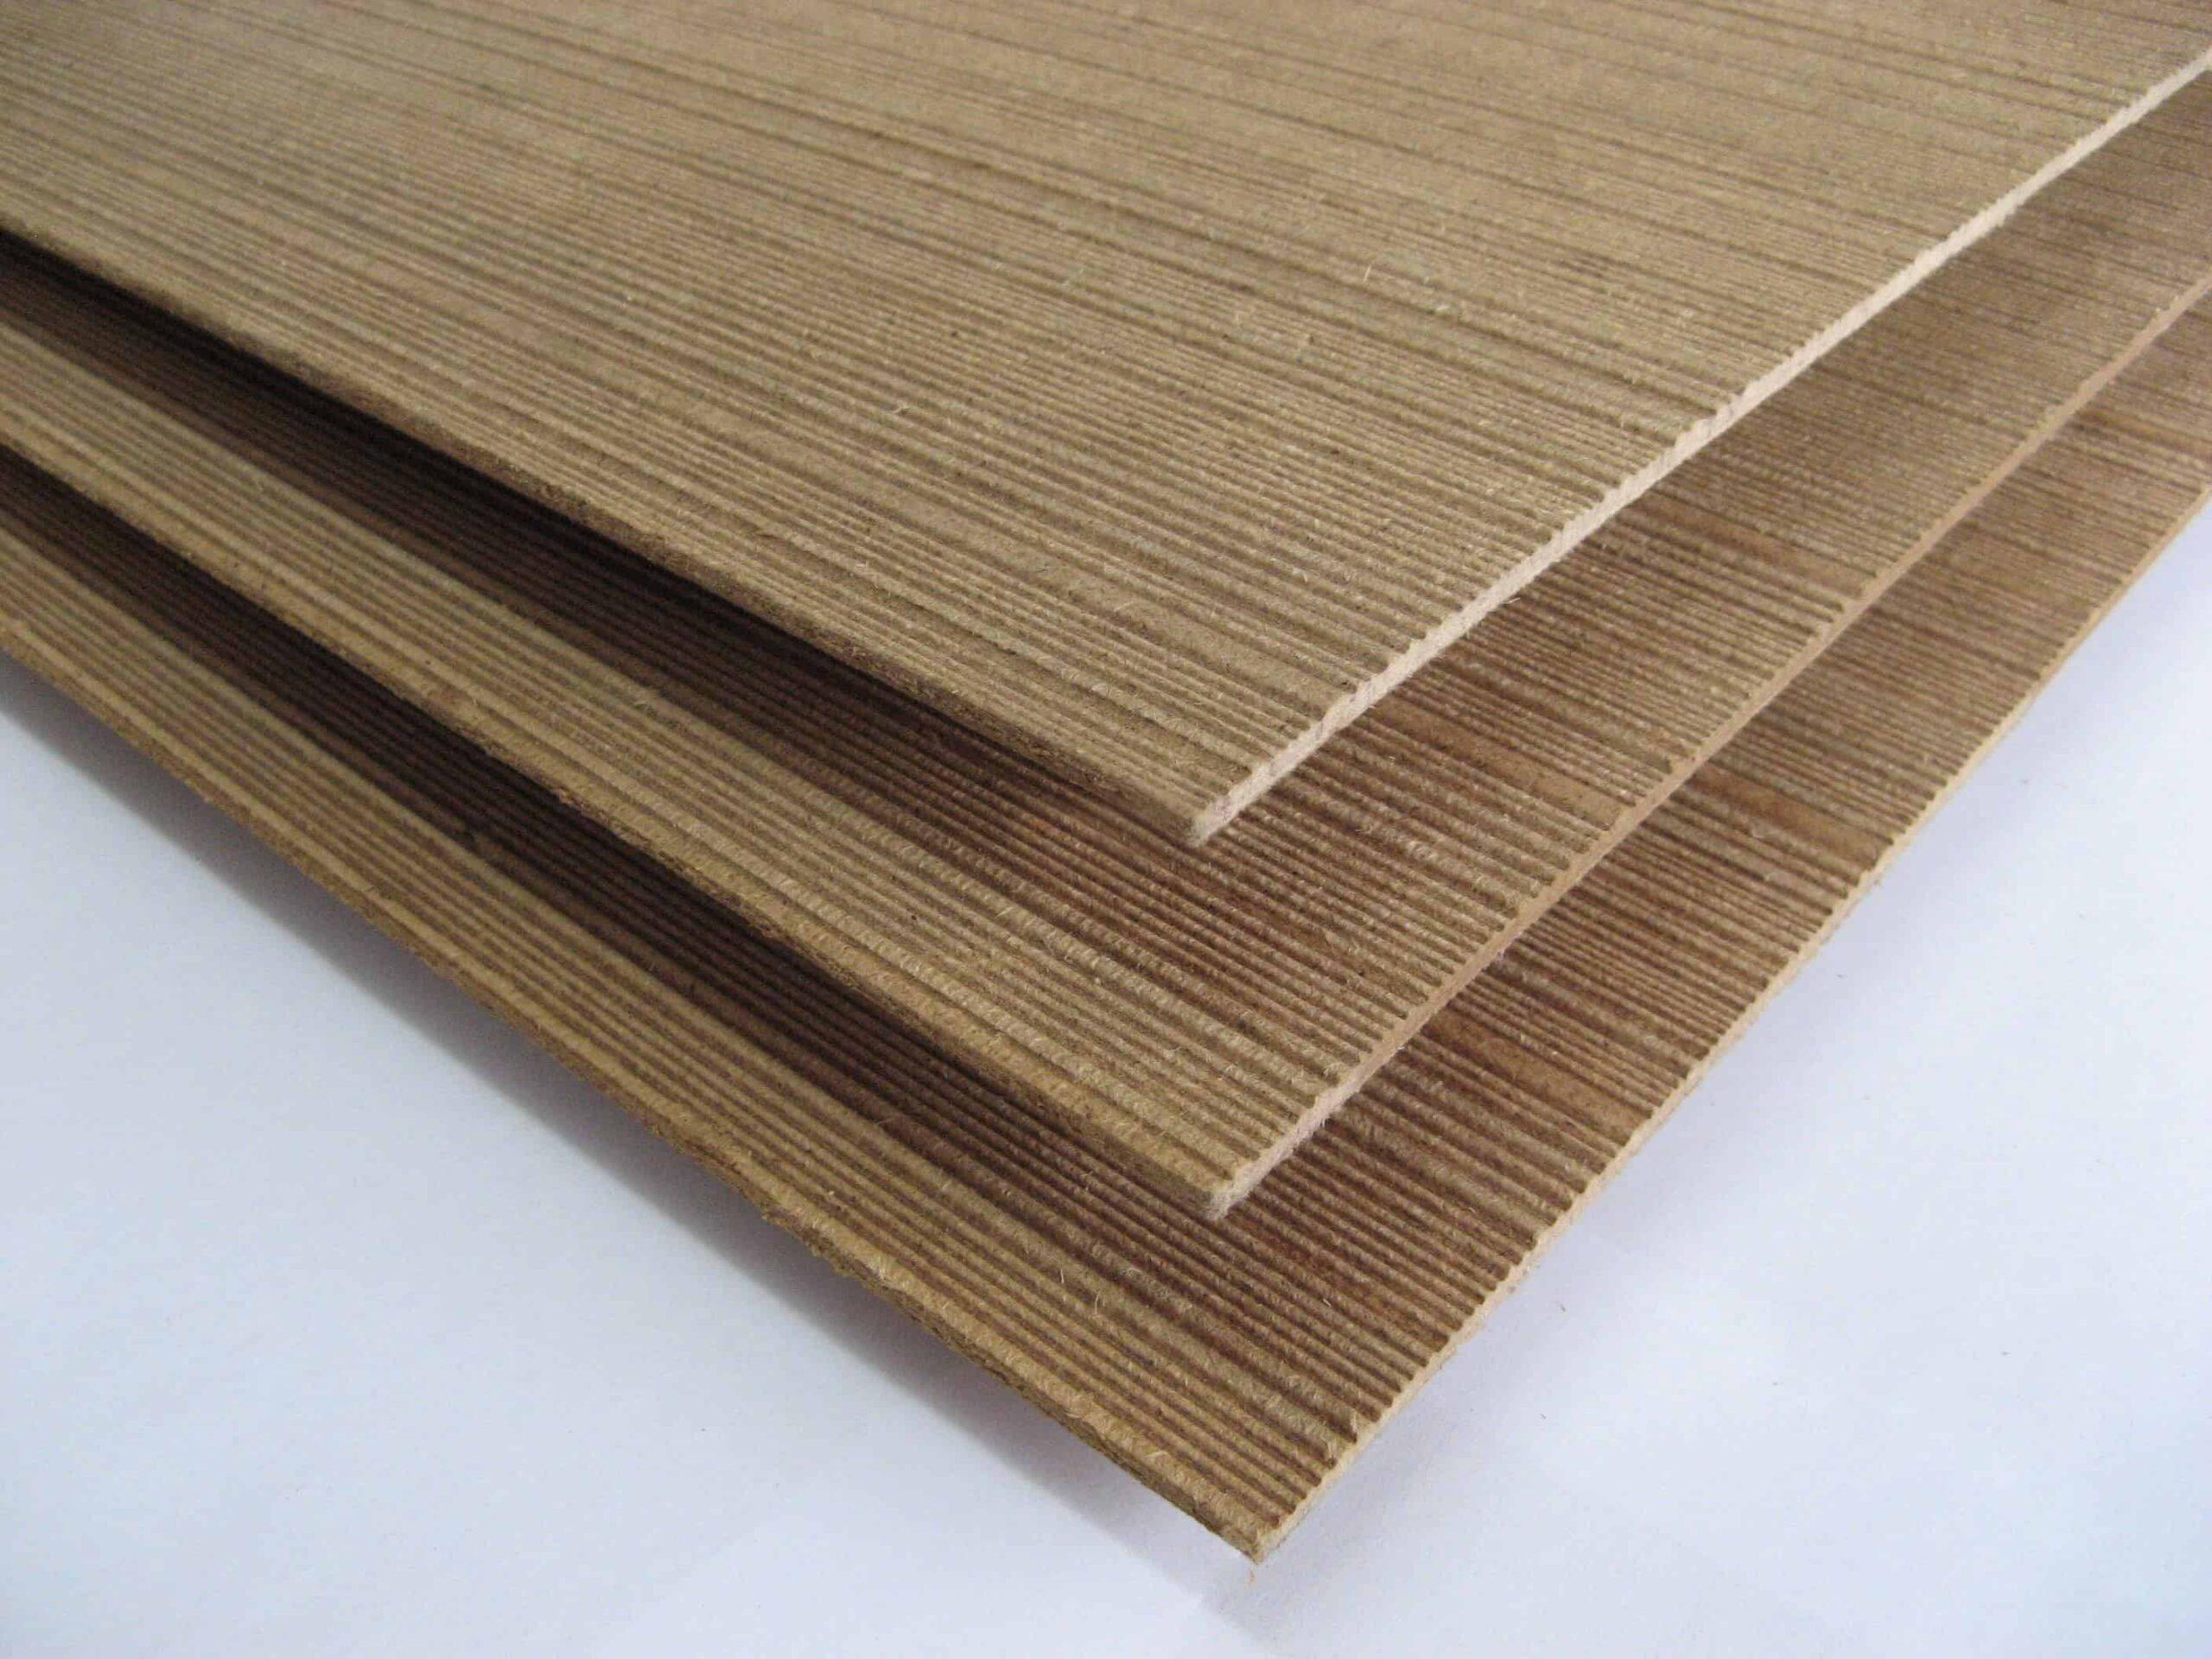 Ván sợi gỗ